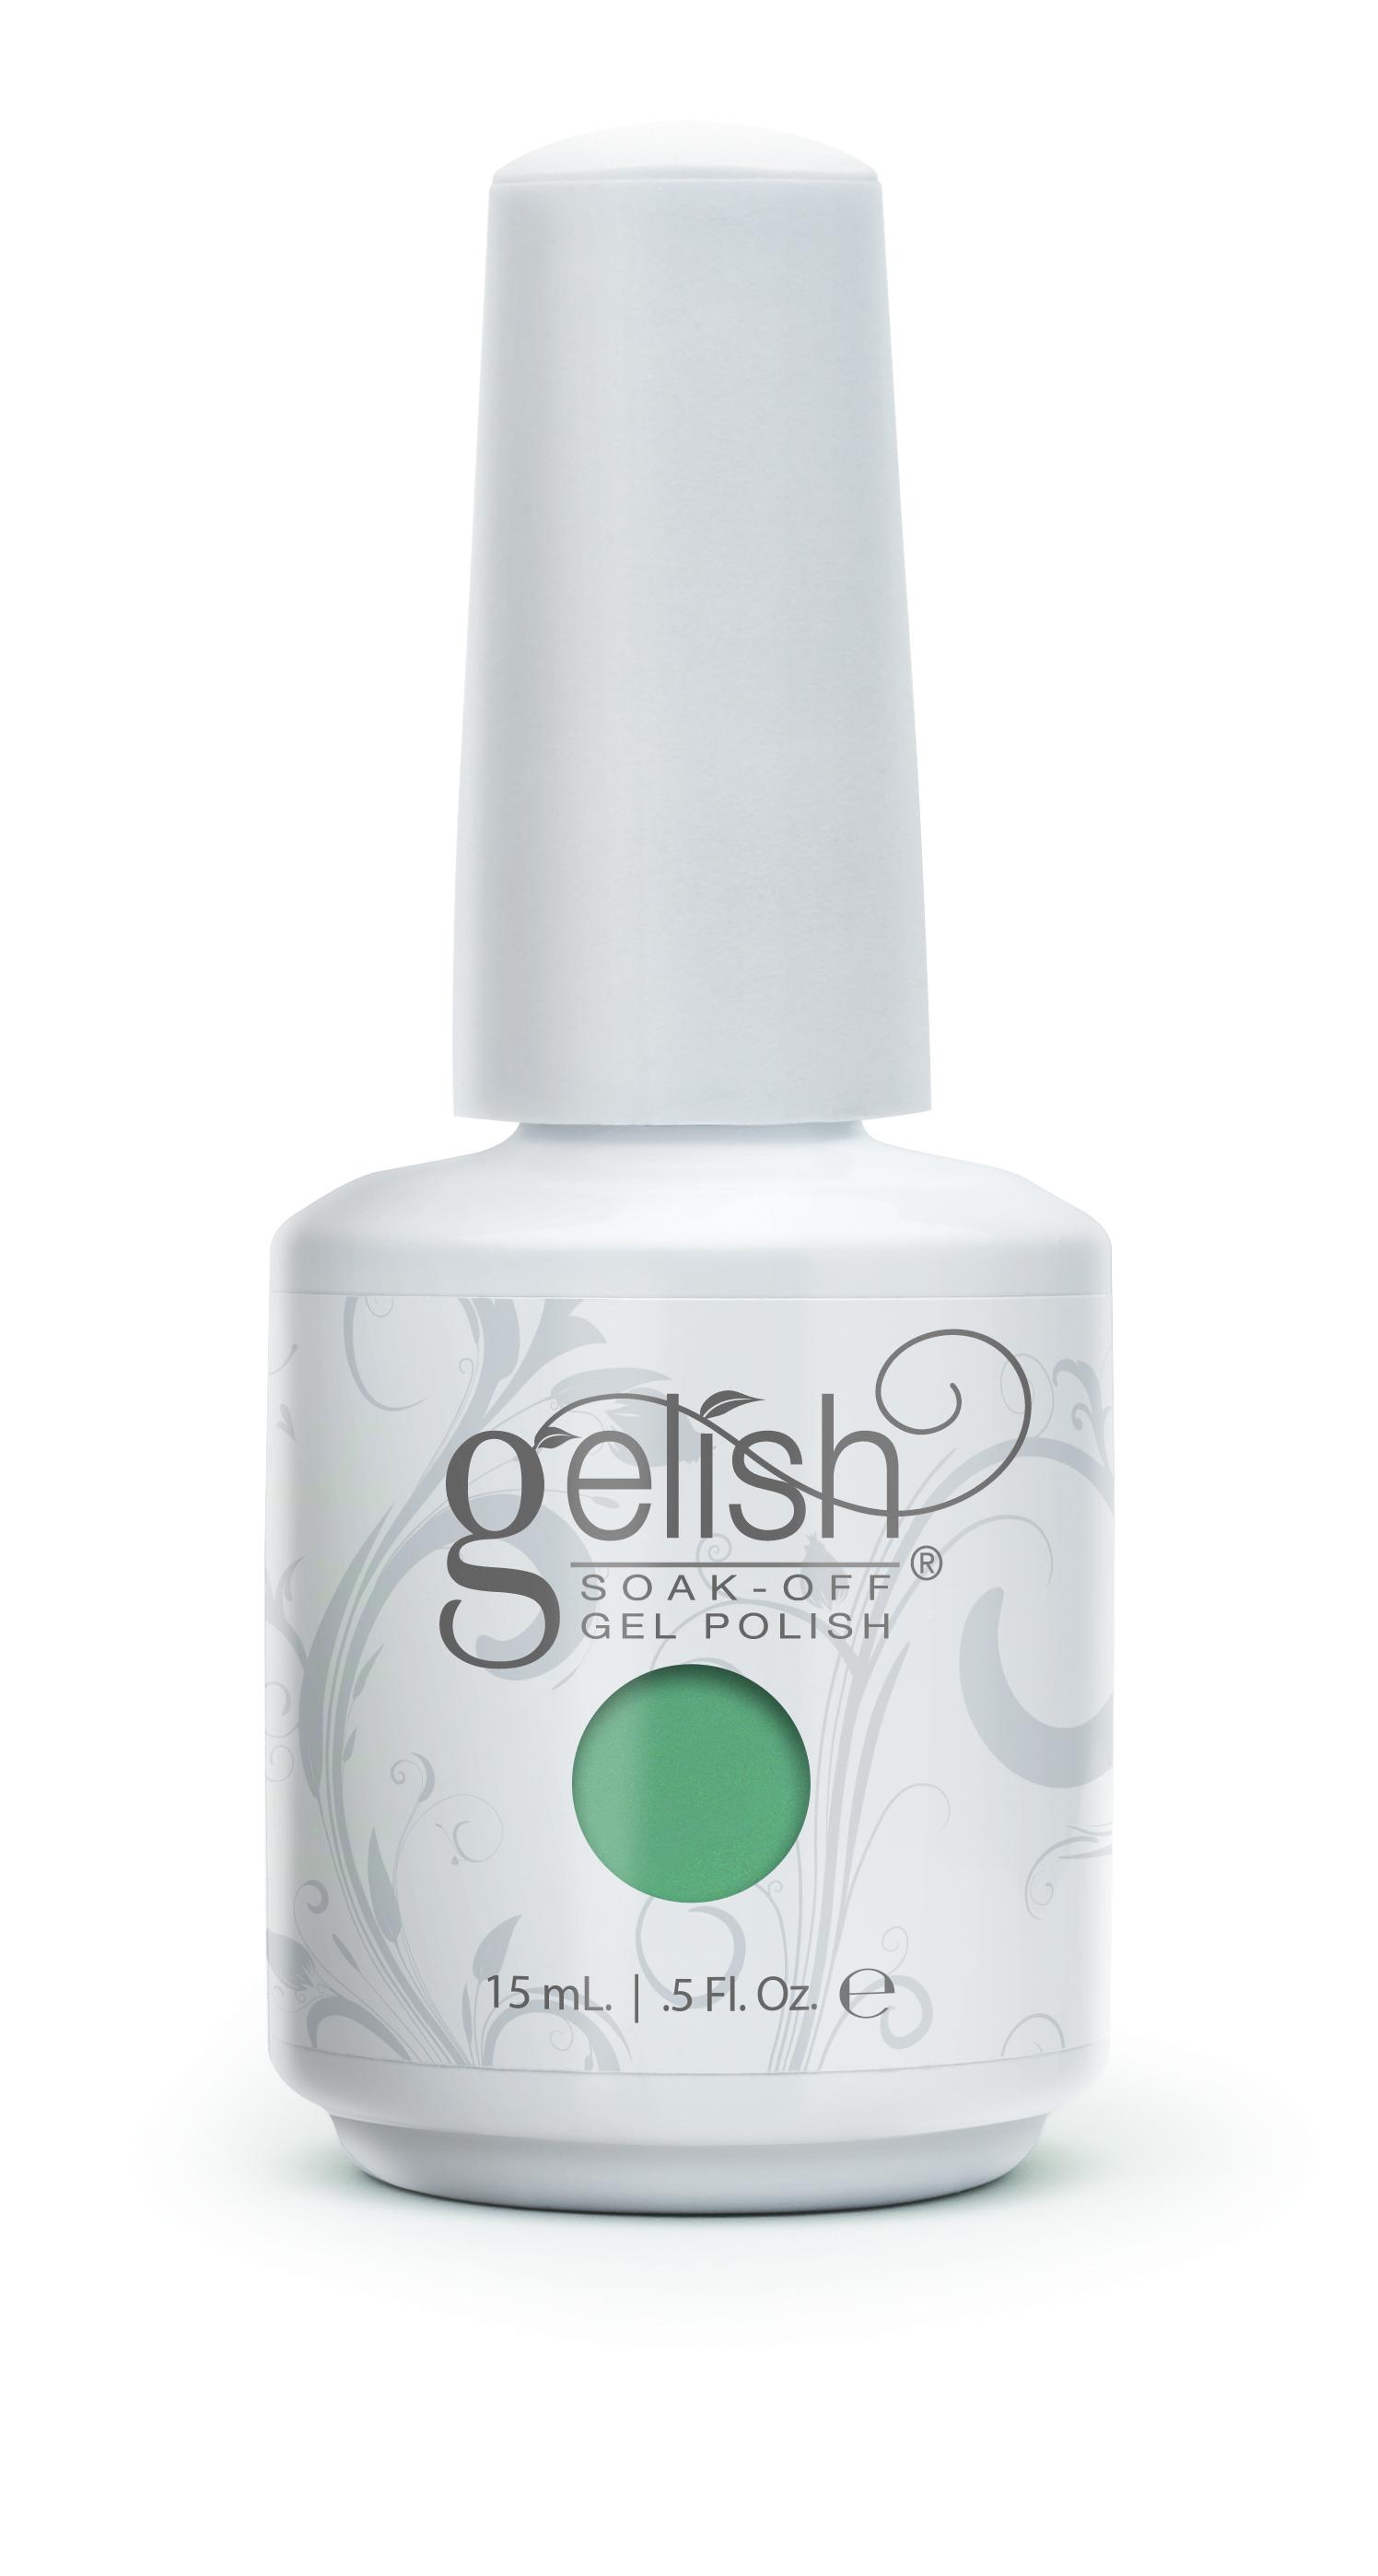 GELISH Гель-лак Holy Cow-Girl! / GELISH 15млГель-лаки<br>Гель-лак Gelish наносится на ноготь как лак, с помощью кисточки под колпачком. Процедура нанесения схожа с&amp;nbsp;нанесением обычного цветного покрытия. Все гель-лаки Harmony Gelish выполняют функцию еще и укрепляющего геля, делая ногти более прочными и длинными. Ногти клиента находятся под защитой гель-лака, они не ломаются и не расслаиваются. Гель-лаки Gelish после сушки в LED или УФ лампах держатся на натуральных ногтях рук до 3 недель, а на ногтях ног до 5 недель. Способ применения: Подготовительный этап. Для начала нужно сделать маникюр. В зависимости от ваших предпочтений это может быть европейский, классический обрезной, СПА или аппаратный маникюр. Главное, сдвинуть кутикулу с ногтевого ложа и удалить ороговевшие участки кожи вокруг ногтей. Особенностью этой системы является то, что перед нанесением базового слоя необходимо обработать ноготь шлифовочным бафом Harmony Buffer 100/180 грит, для того, чтобы снять глянец. Это поможет улучшить сцепку покрытия с ногтем. Пыль, которая осталась после опила, излишки жира и влаги удаляются с помощью обезжиривателя Бондер / GELISH pH Bond 15&amp;nbsp;мл или любого другого дегитратора. Нанесение искусственного покрытия Harmony.&amp;nbsp; После того, как подготовительные процедуры завершены, можно приступать непосредственно к нанесению искусственного покрытия Harmony Gelish. Как и все гелевые лаки, продукцию этого бренда необходимо полимеризовать в лампе. Гель-лаки Gelish сохнут (полимеризуются) под LED или УФ лампой. Время полимеризации: В LED лампе 18G/6G = 30 секунд В LED лампе Gelish Mini Pro = 45 секунд В УФ лампах 36 Вт = 120 секунд В УФ лампе Harmony Mini Portable UV Light = 180 секунд ПРИМЕЧАНИЕ: подвергать полимеризации необходимо каждый слой гель-лакового покрытия! 1)Первым наносится тонкий слой базового покрытия Gelish Foundation Soak Off Base Gel 15 мл. 2)Следующий шаг   нанесение цветного гель-лака Harmony Gelish.&amp;nbsp; 3)Заключительный этап Нанесе